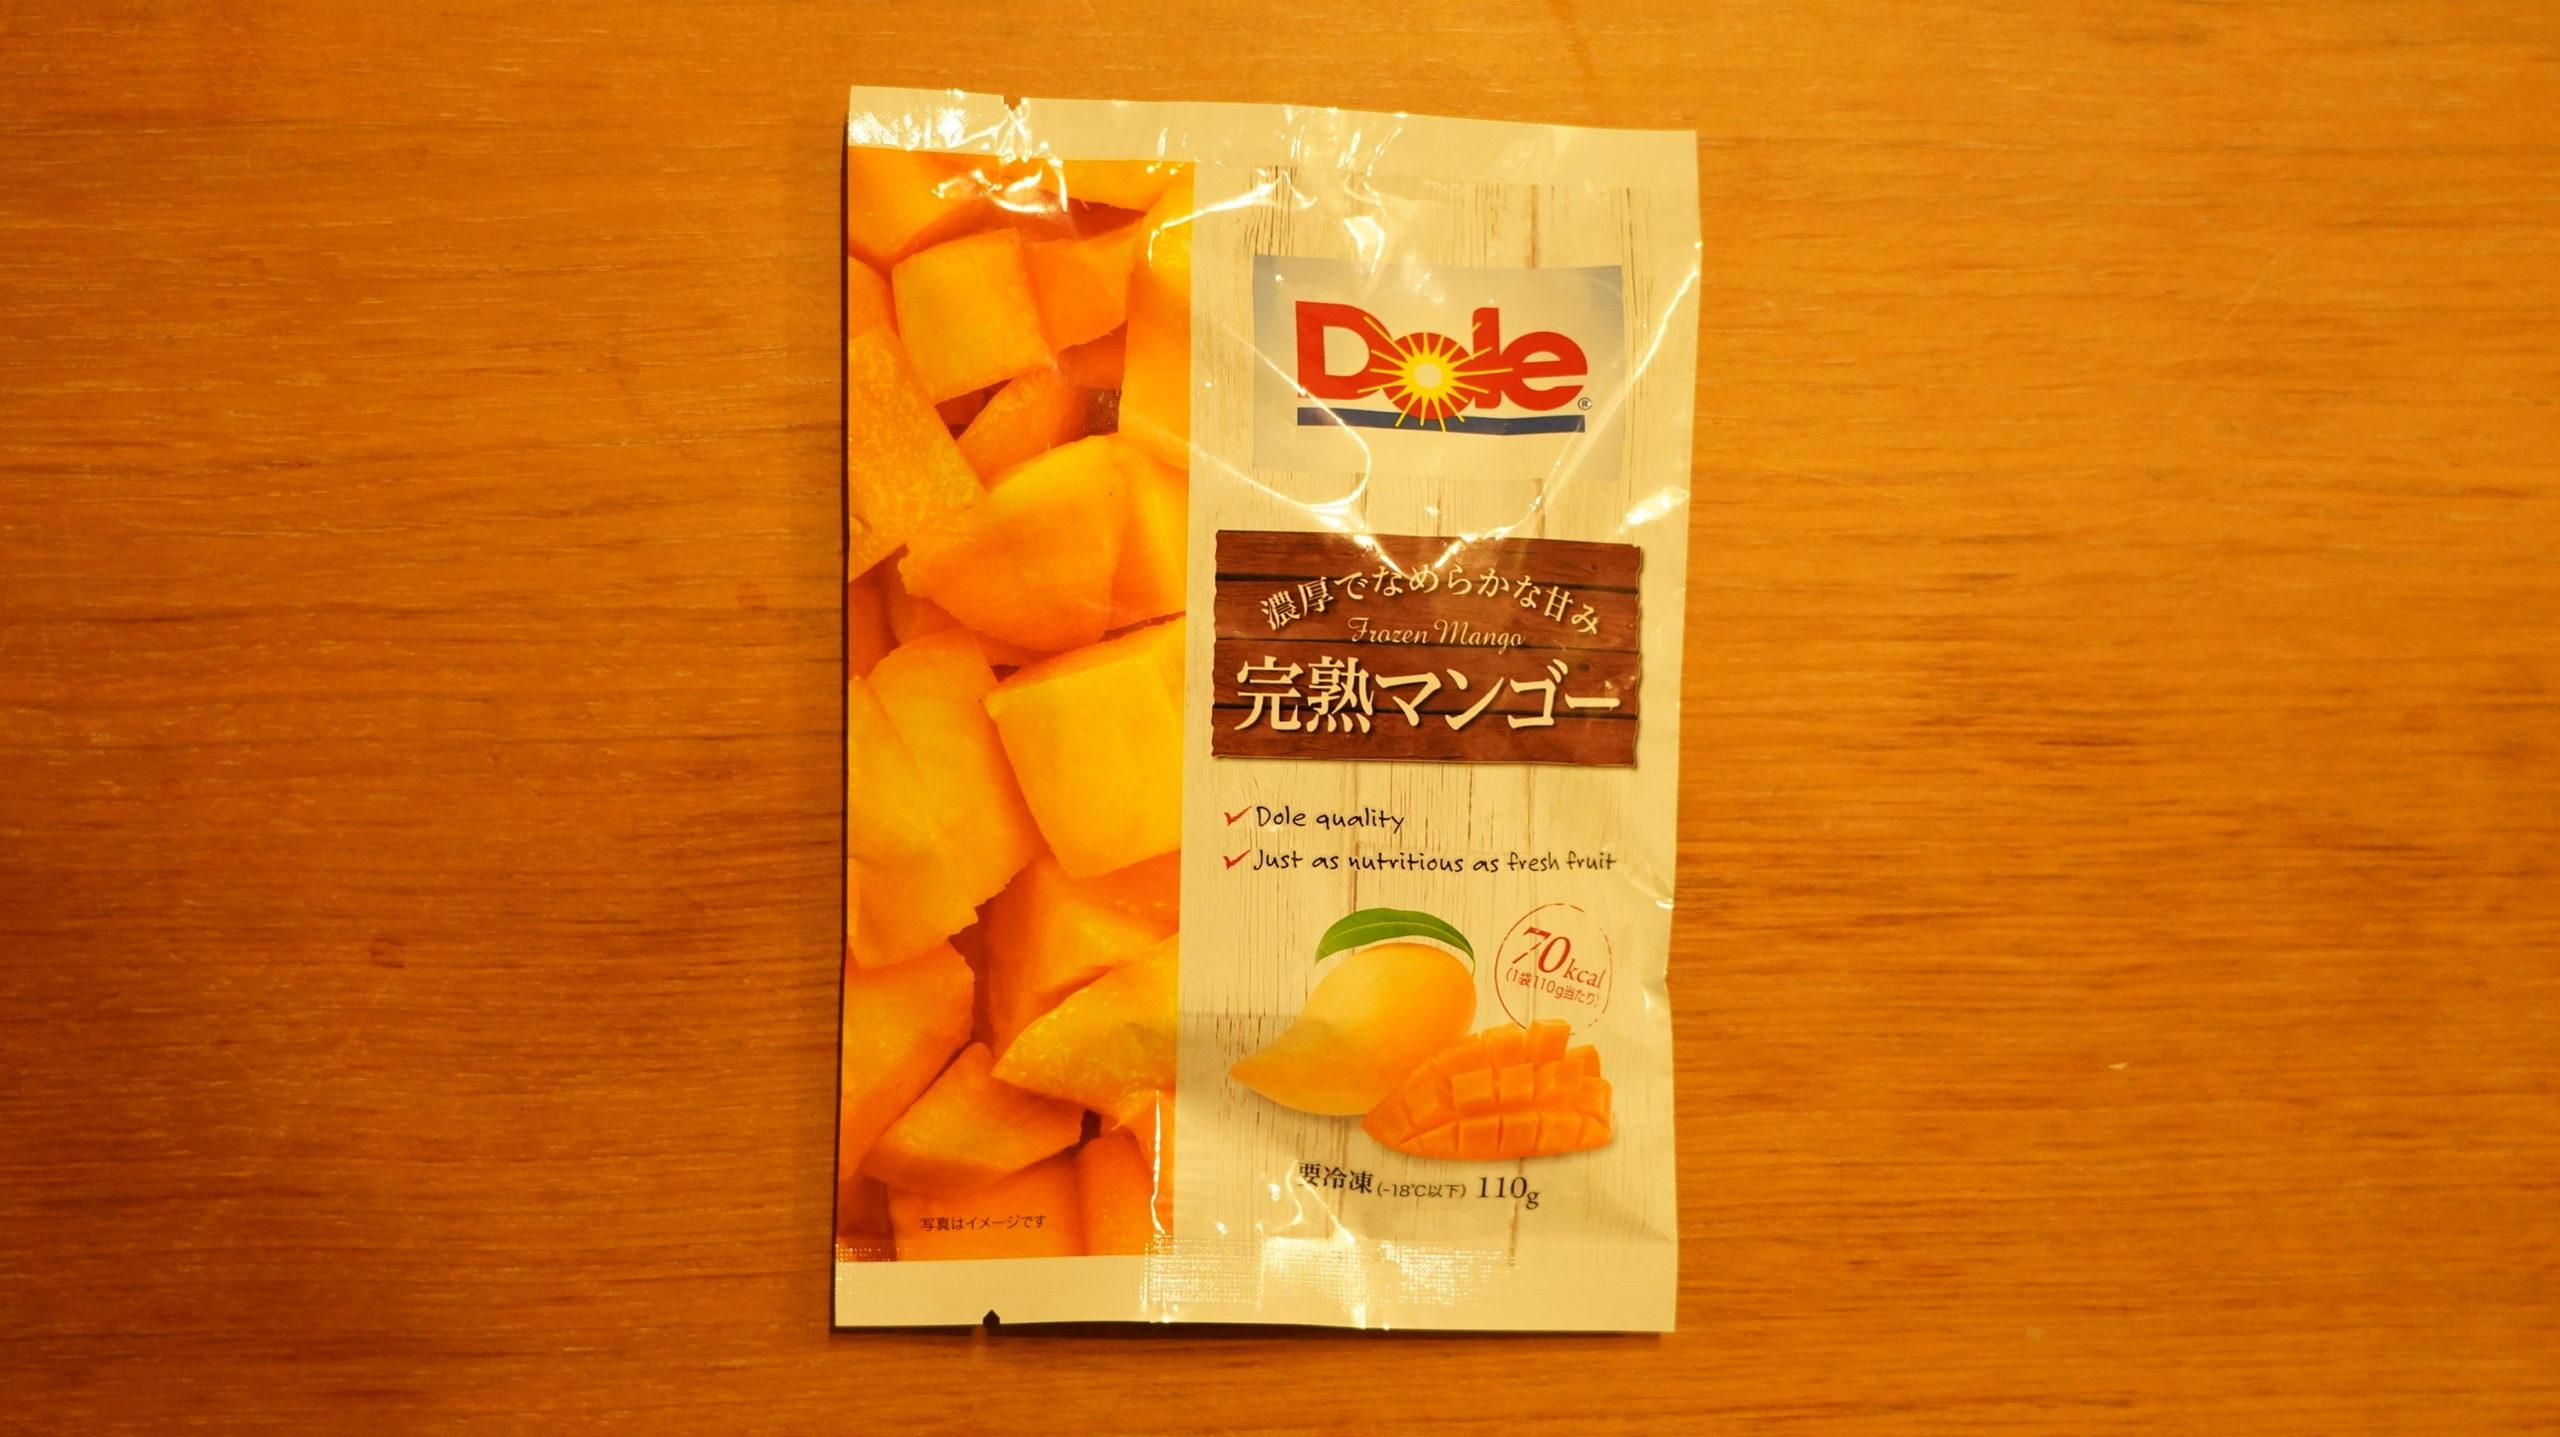 ファミリーマートの冷凍食品「Dole 完熟マンゴー」のパッケージの写真